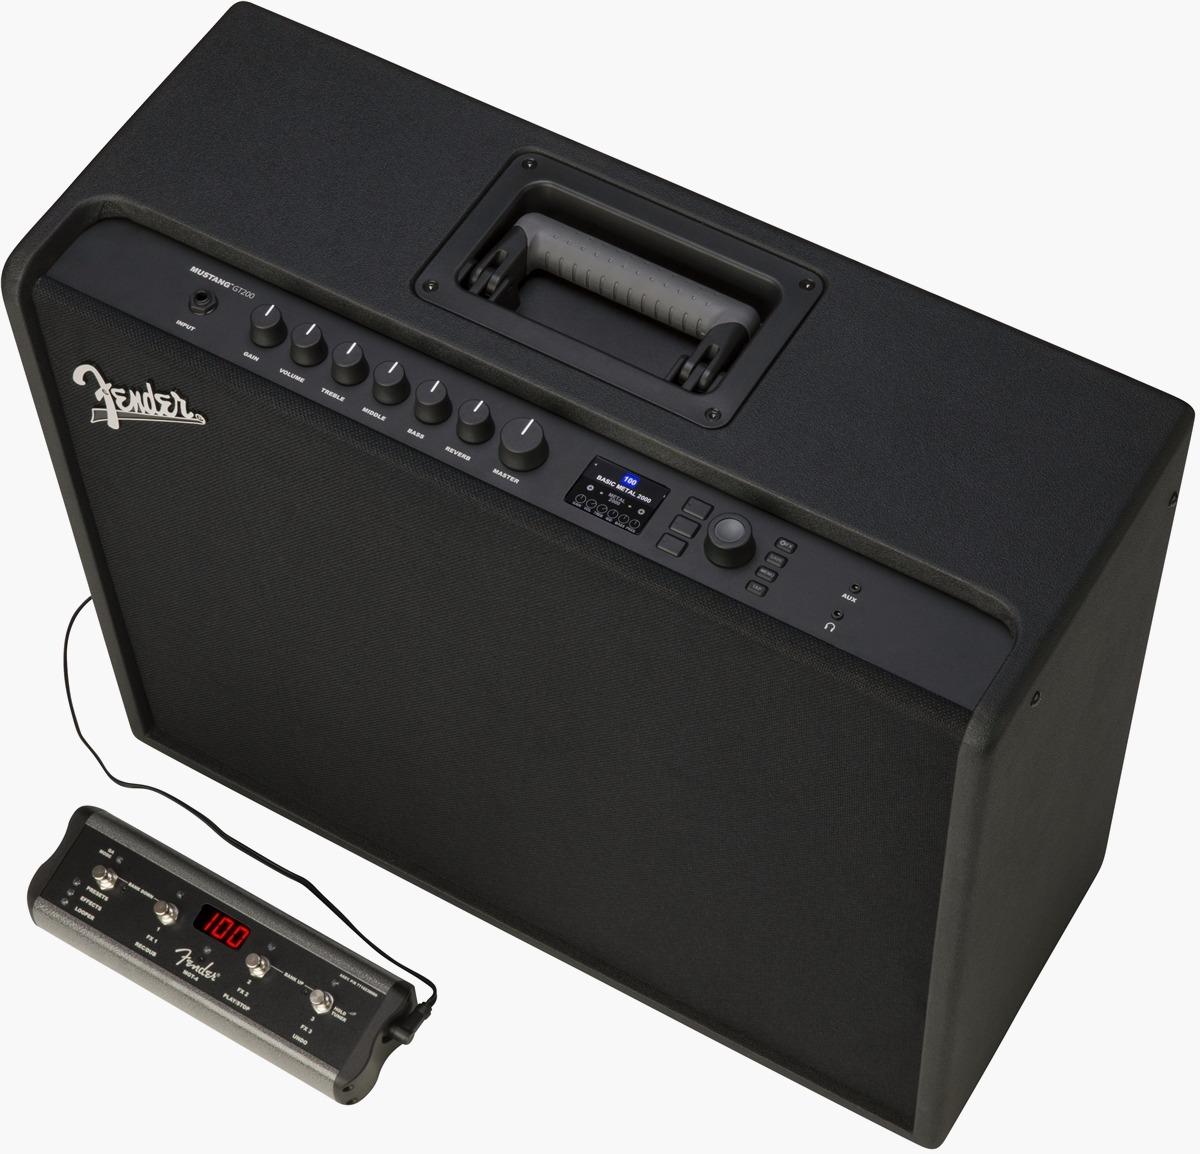 Fender's Mustang GT is the Tesla of guitar amplifiers: It